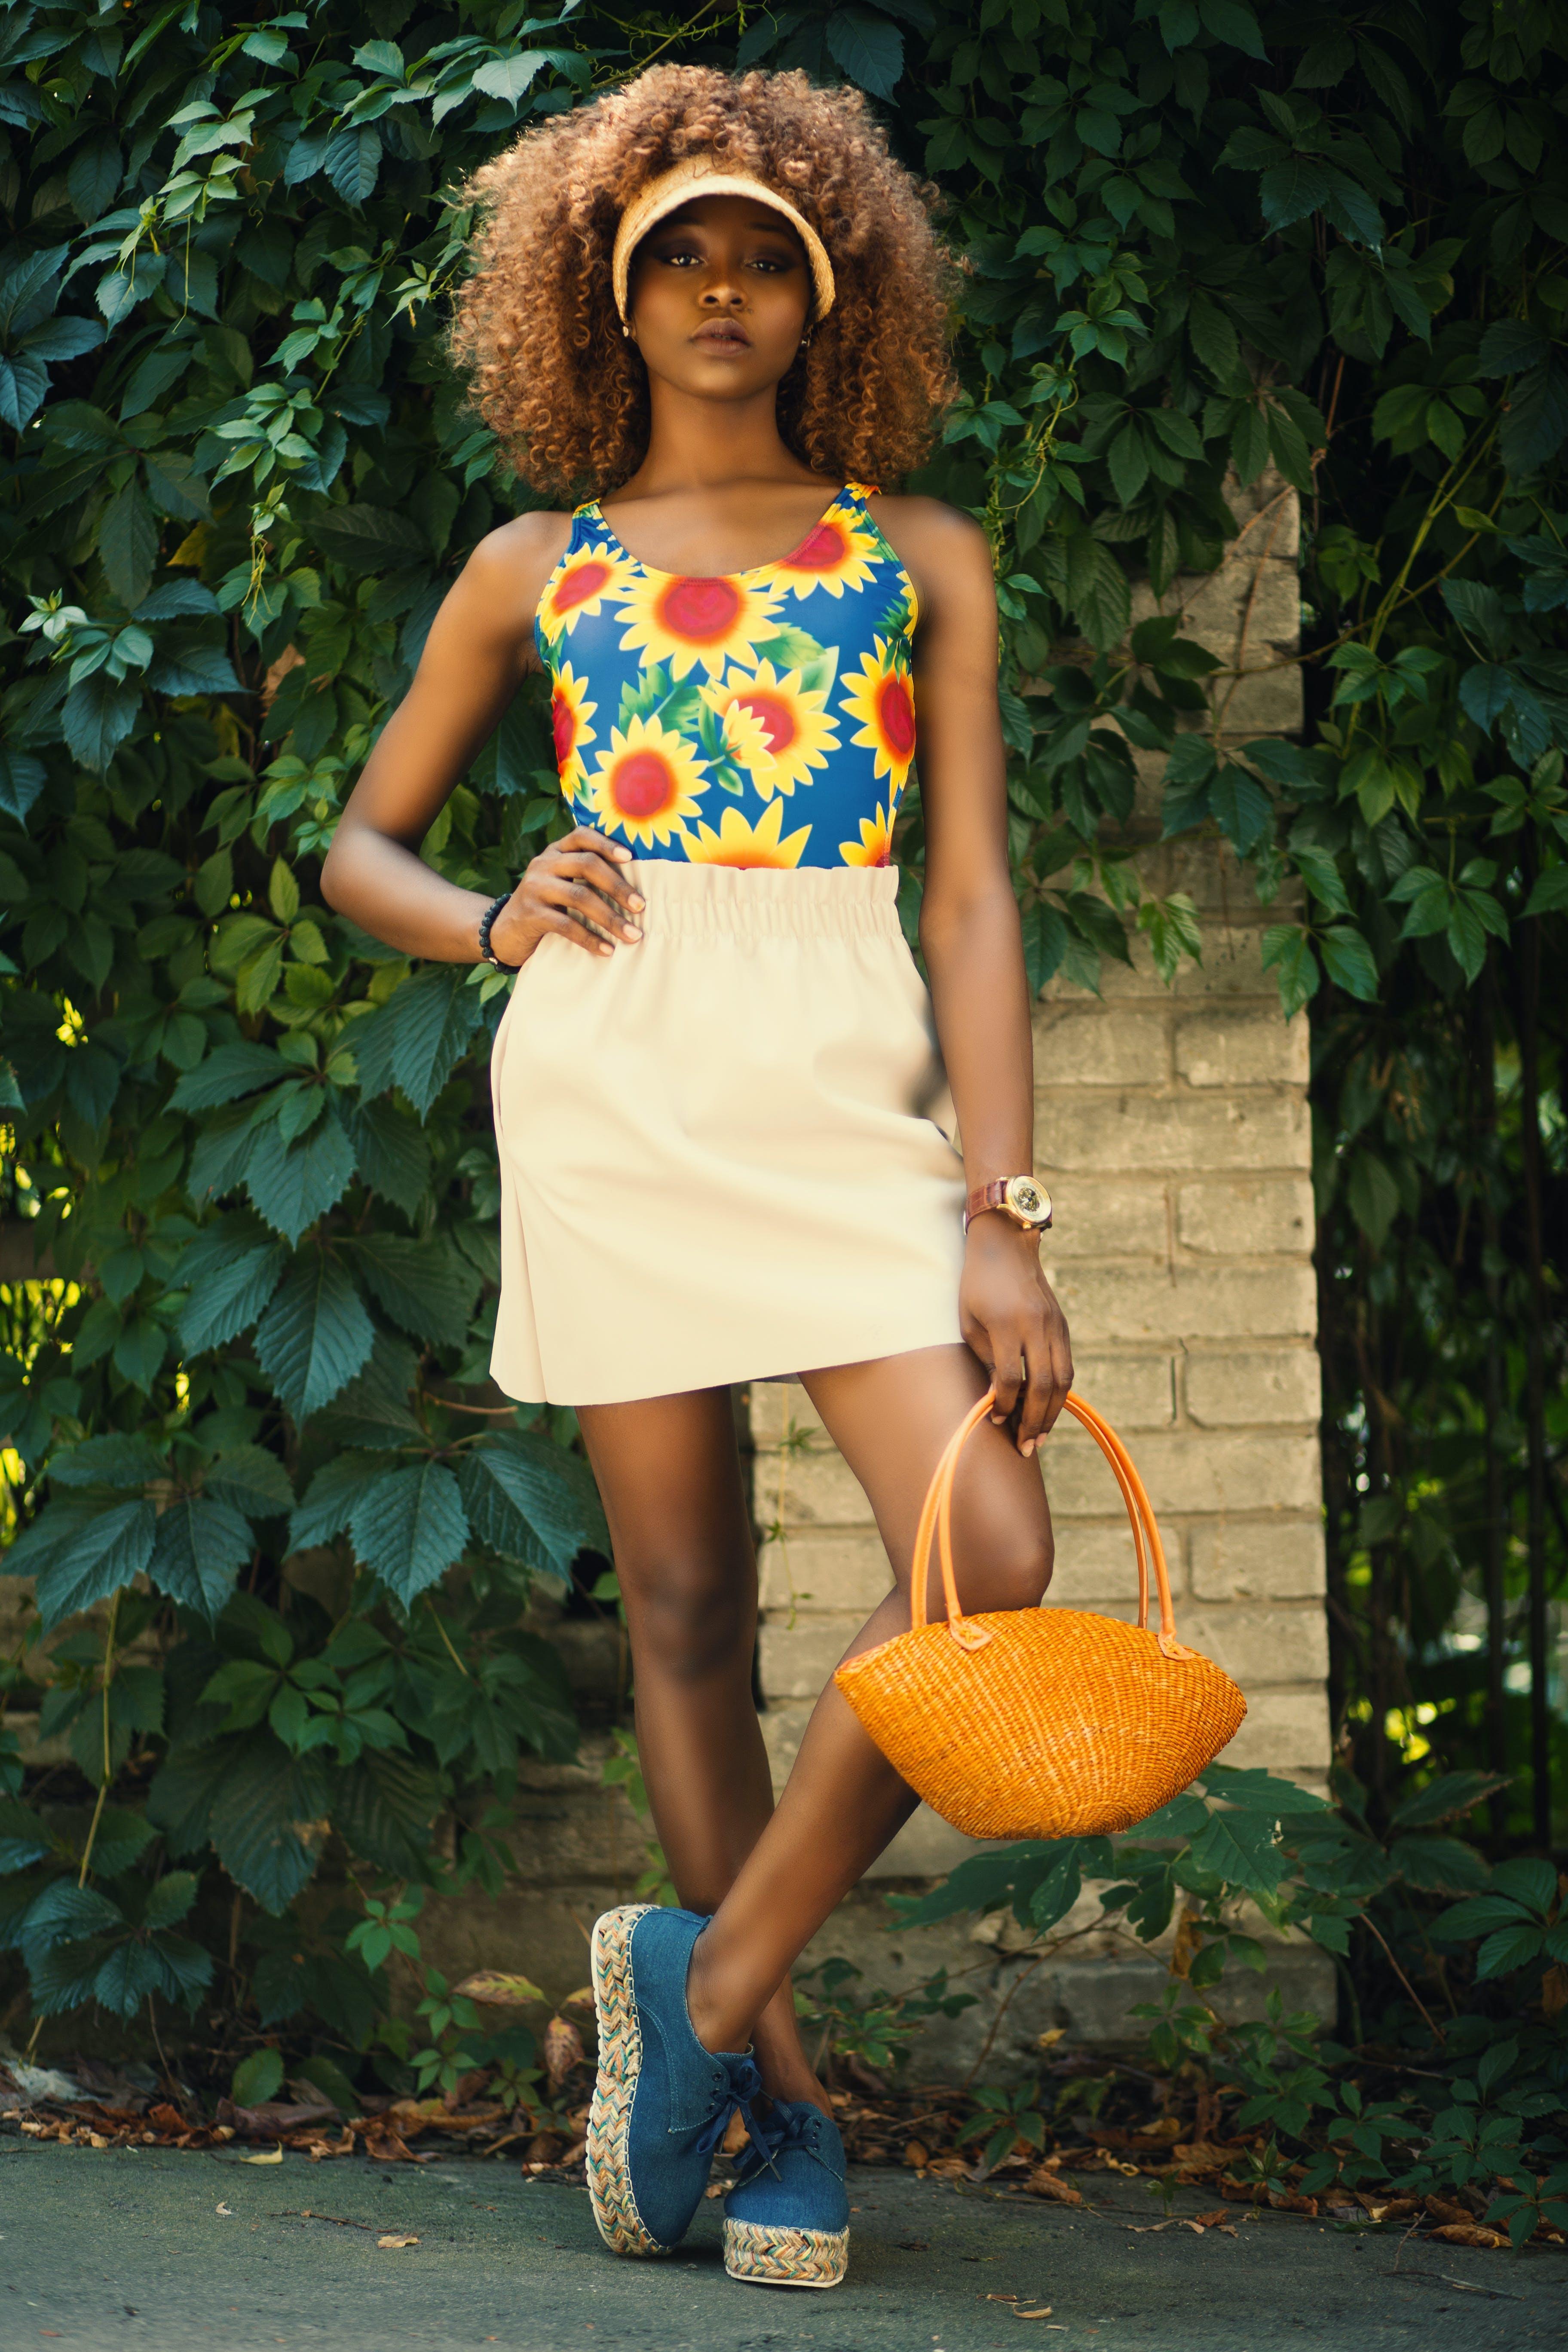 Woman Holding Orange Basket